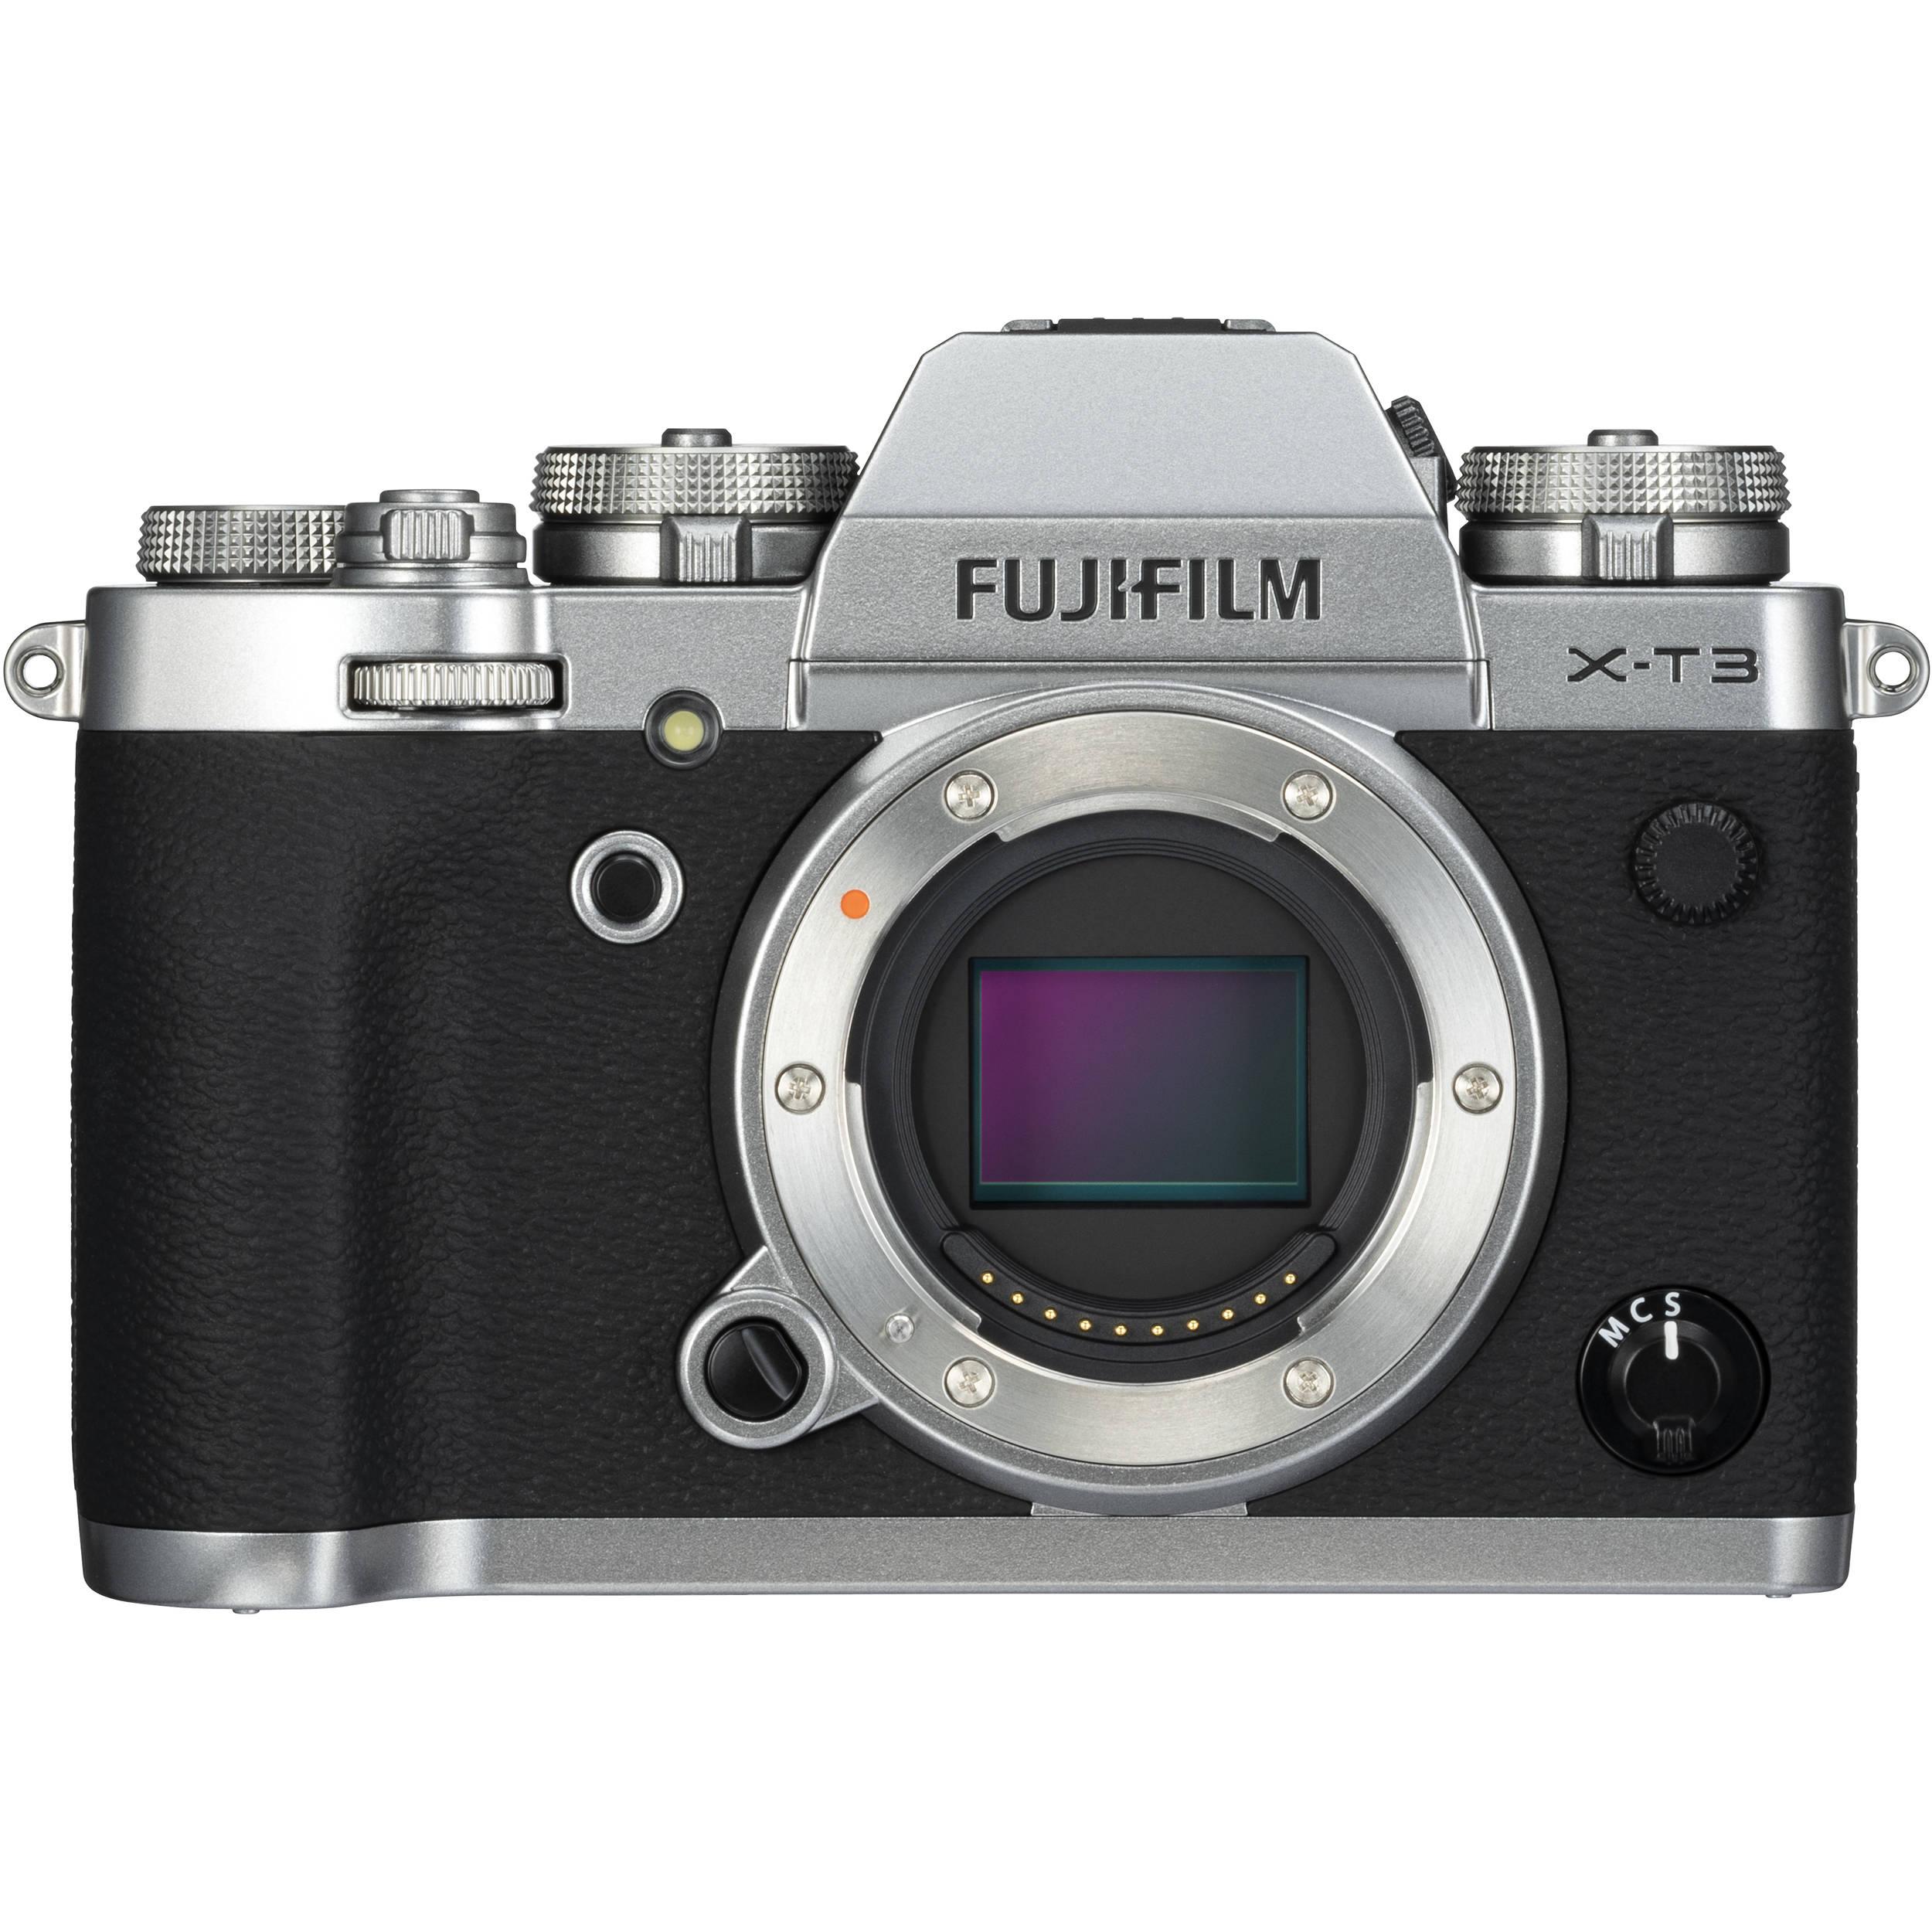 fujifilm x t3 mirrorless digital camera 16589058 b h photo video rh bhphotovideo com